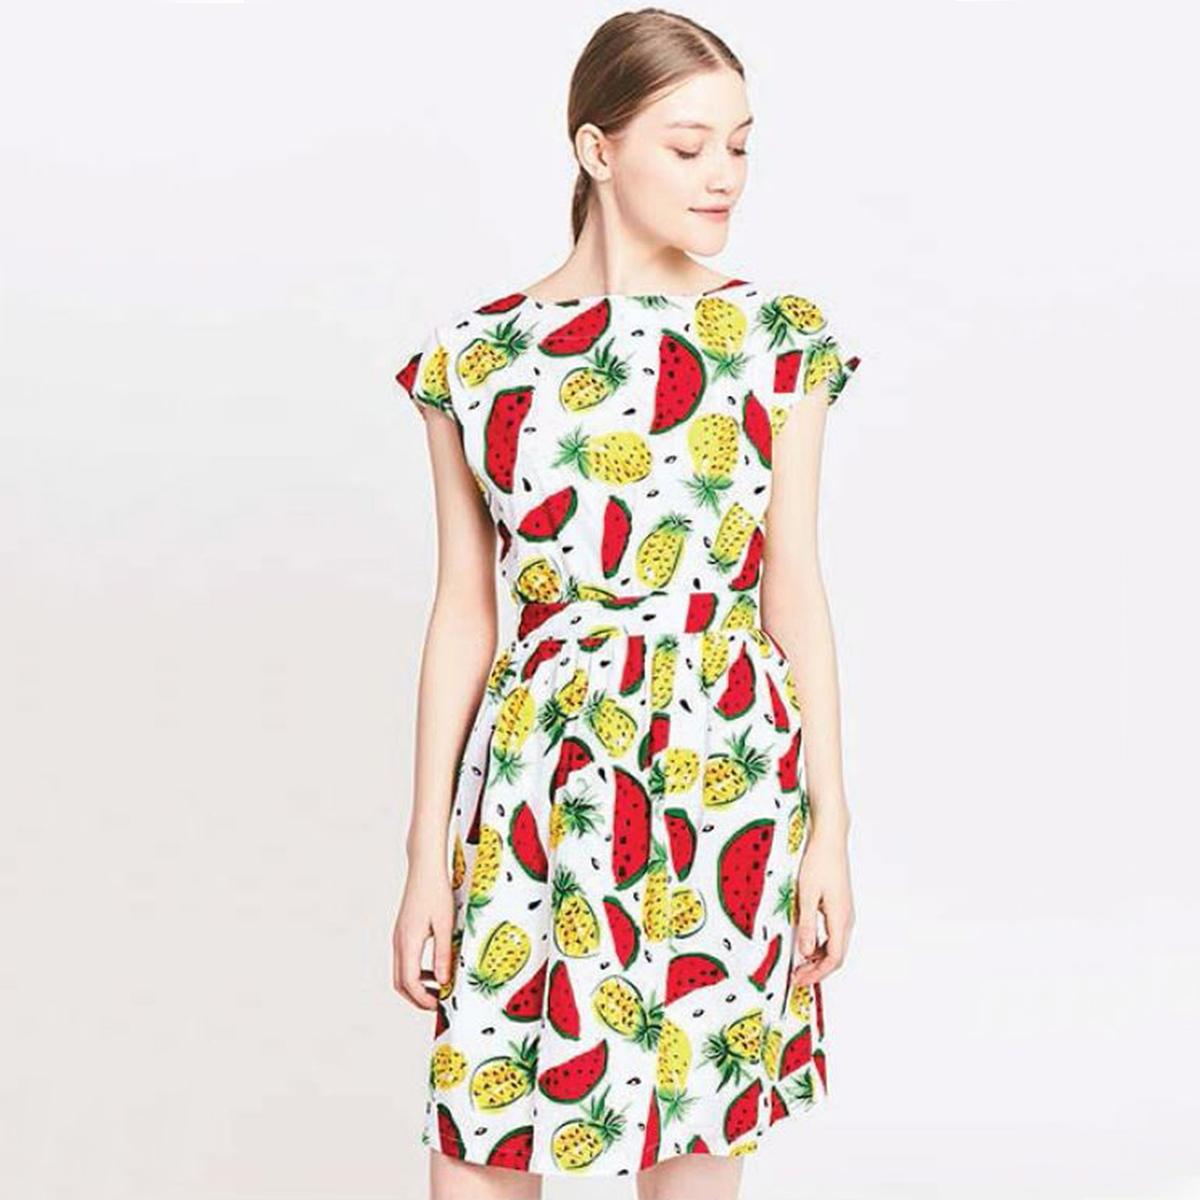 Платье короткое с короткими рукавамиДетали •  Форма : МИНИ •  короткое  •  Короткие рукава    •  Круглый вырез •  Рисунок-принтСостав и уход •  100% хлопок  •  Следуйте советам по уходу, указанным на этикетке<br><br>Цвет: рисунок/желтый<br>Размер: L